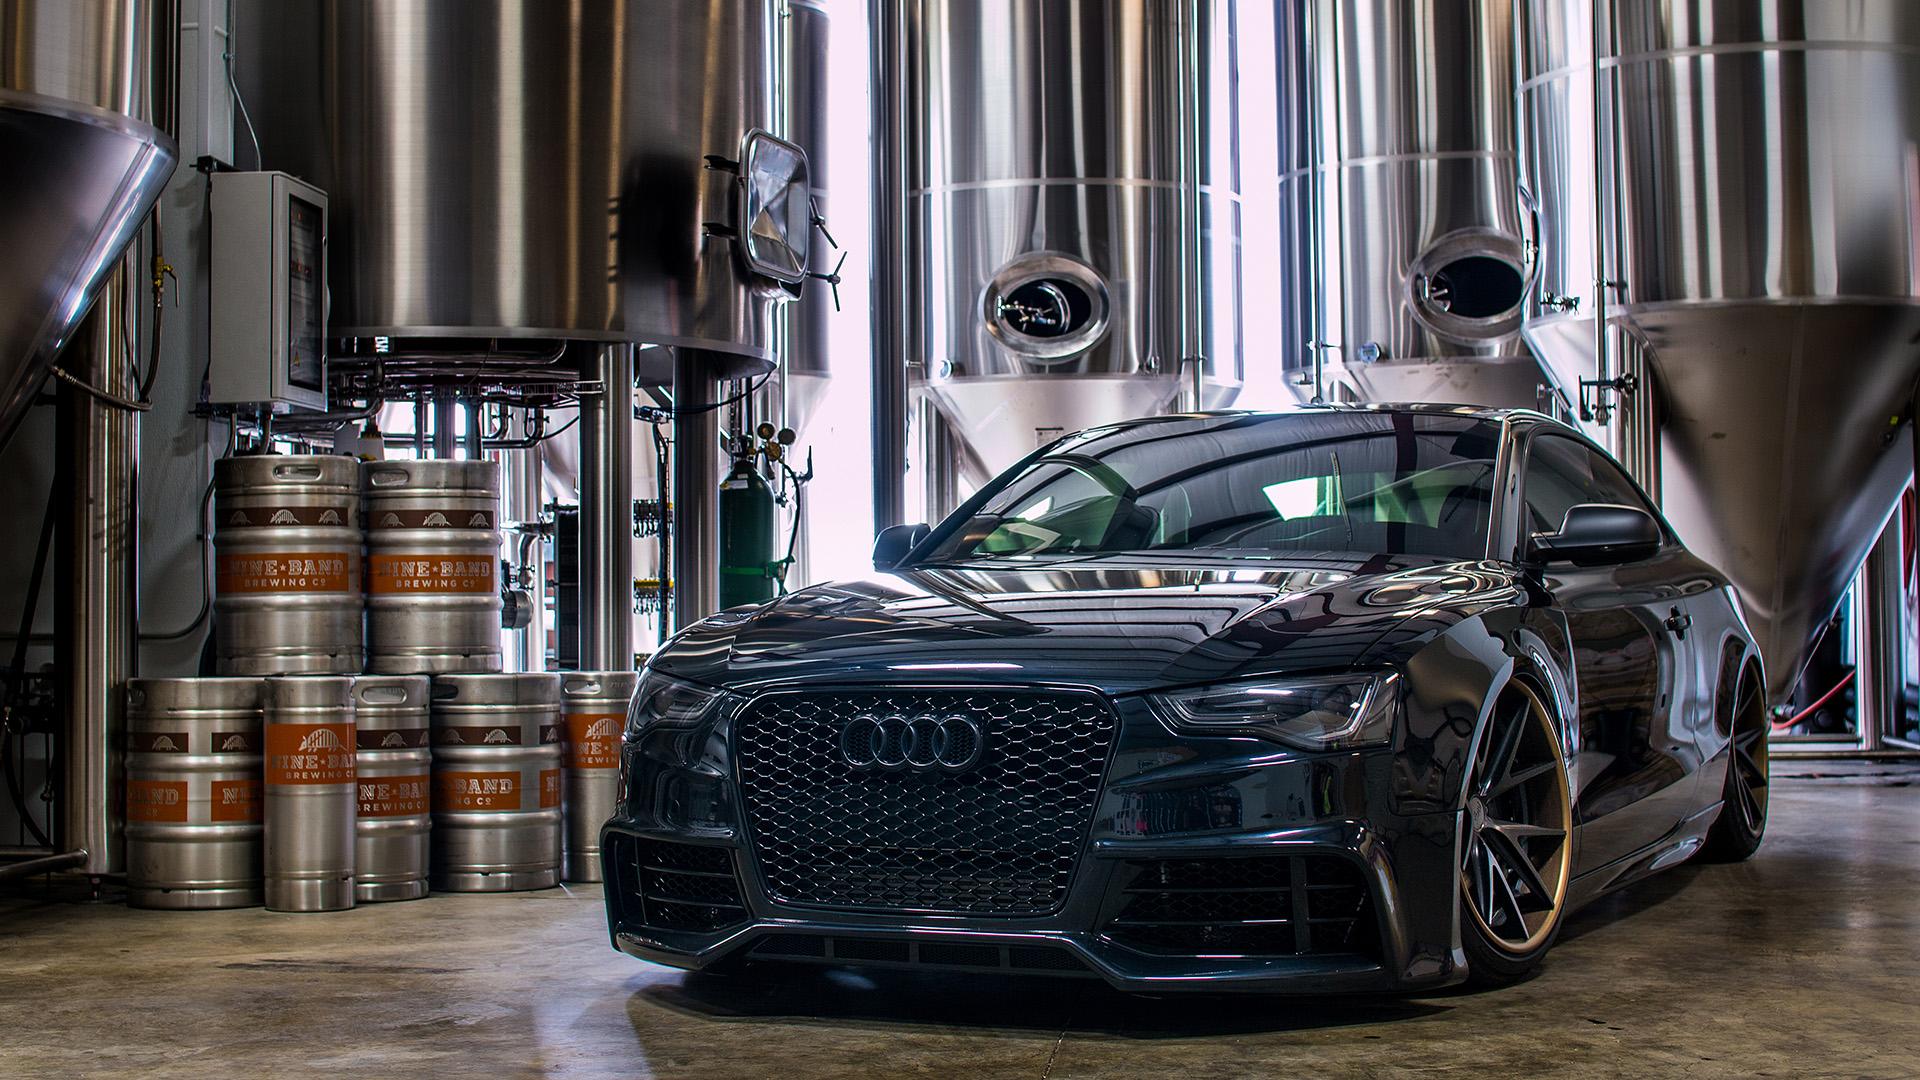 Distild Black On Black Audi A5